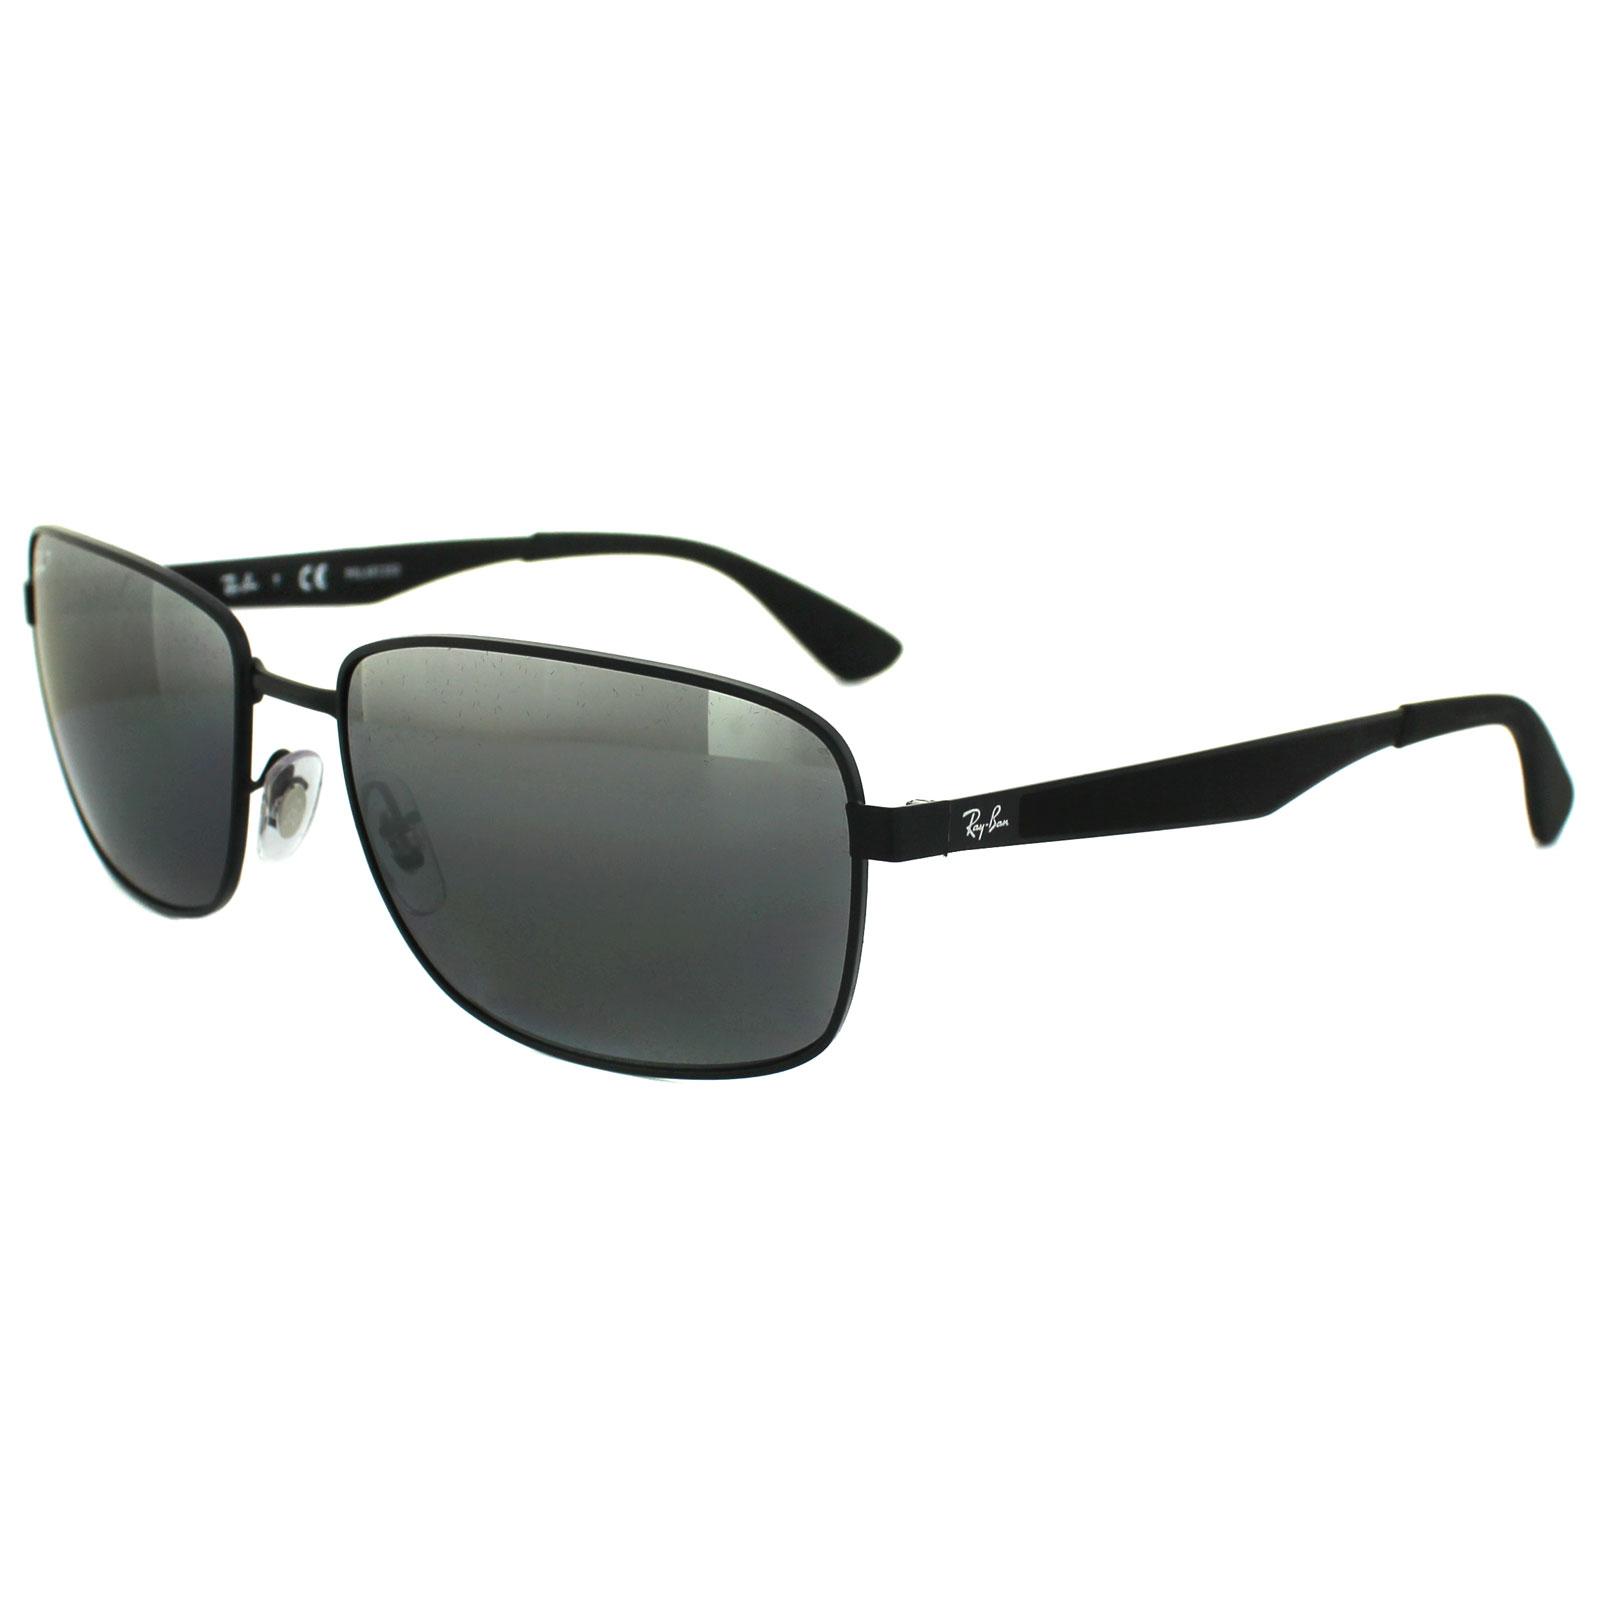 e4055aa2e5 Ray Ban Sporty Squared Sunglasses Silver Mirror « Heritage Malta